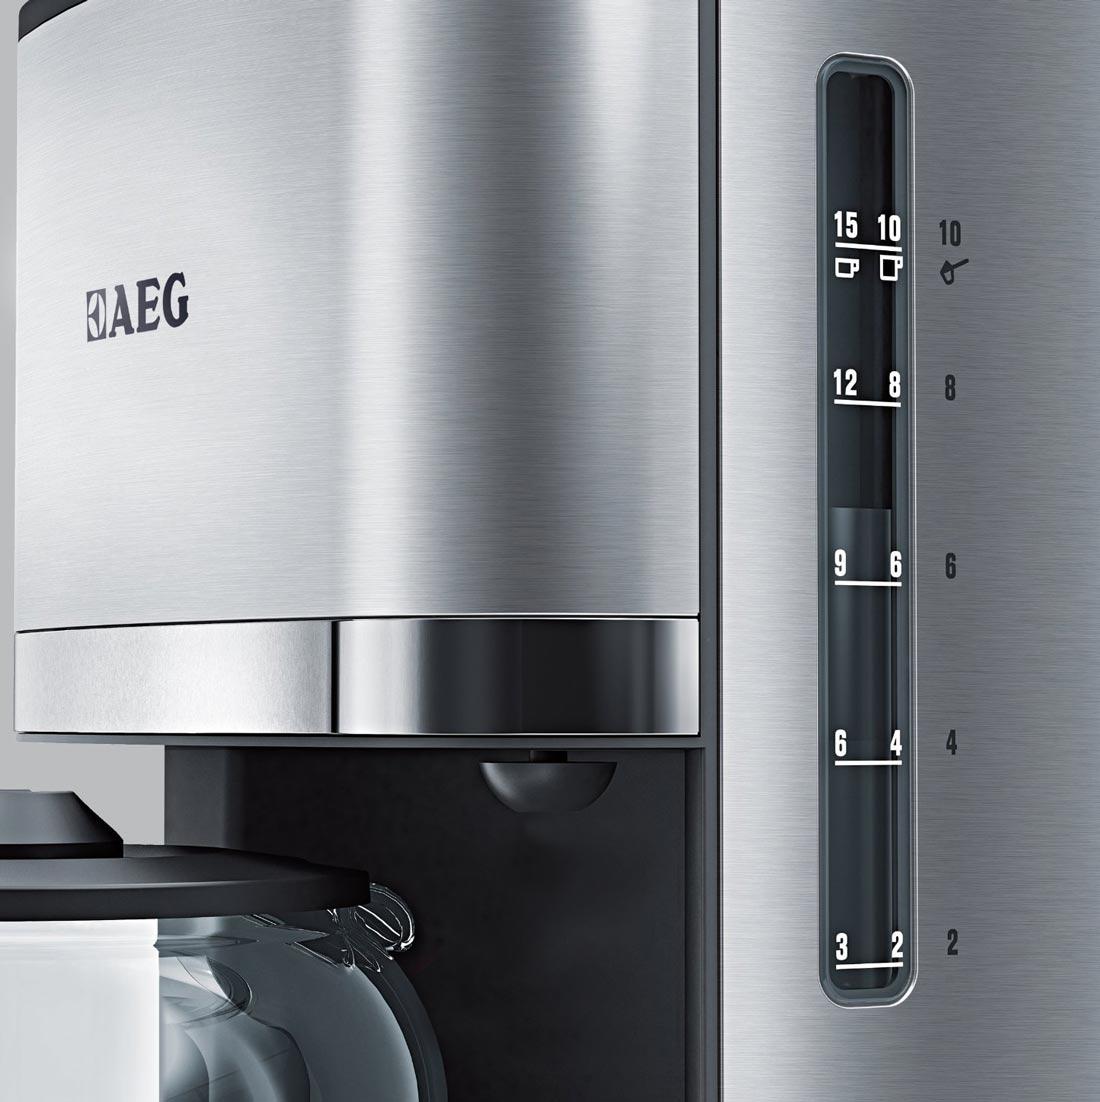 aeg premiumline kf 7500 im test kaffeemaschinen im vergleich. Black Bedroom Furniture Sets. Home Design Ideas